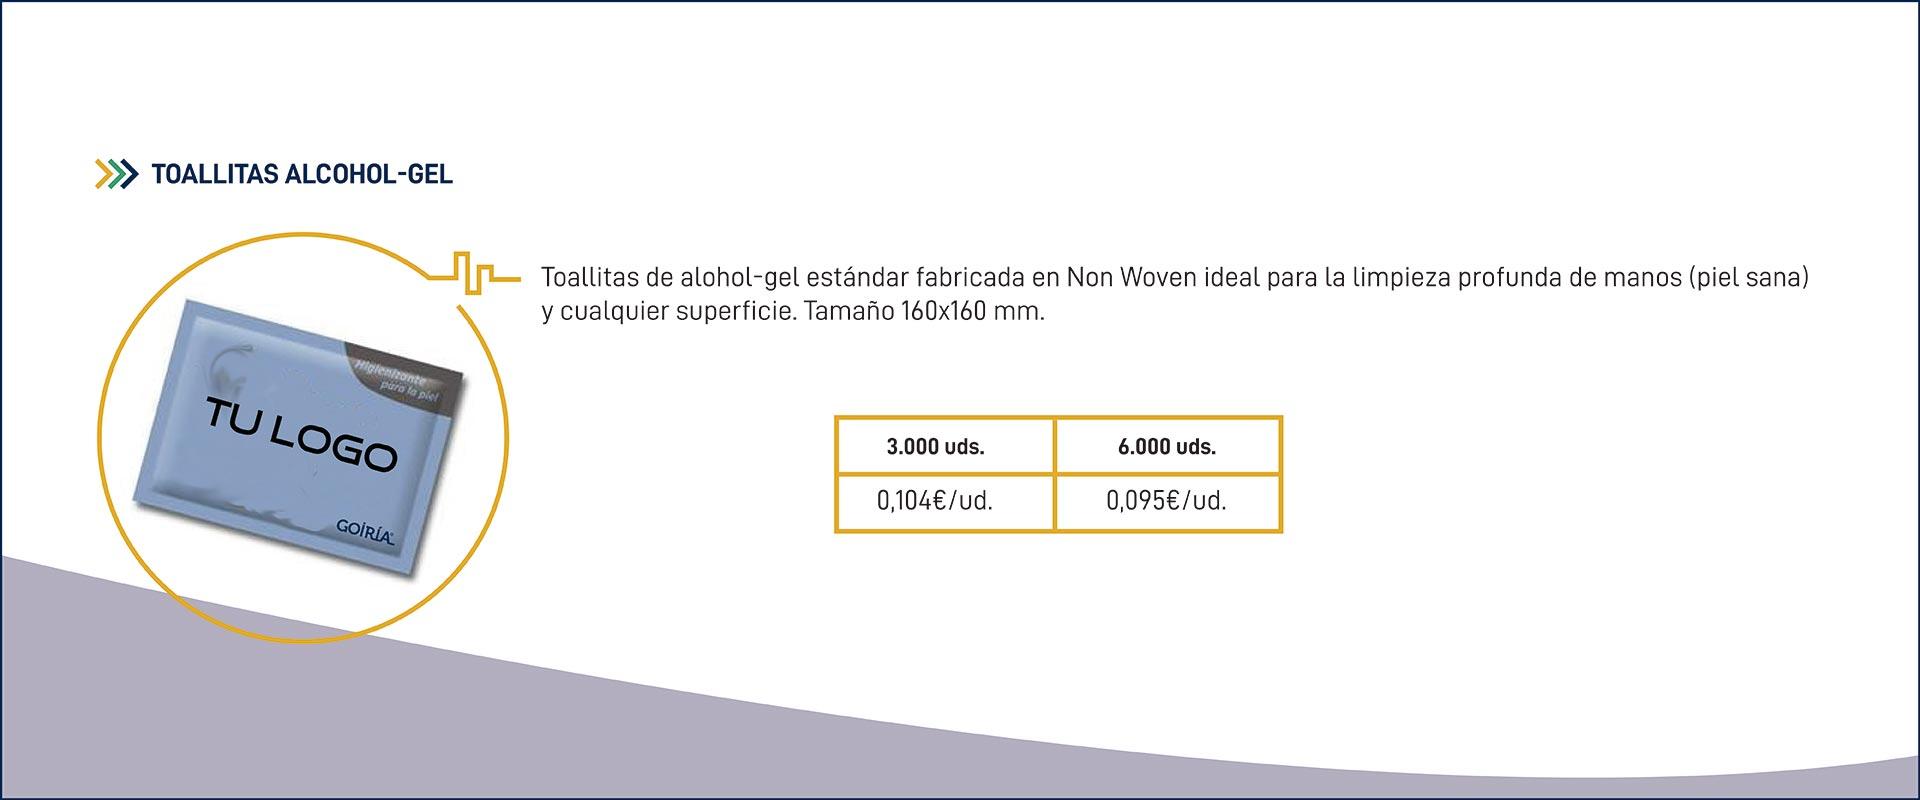 TOALLITAS-ALCOHOL-GEL-PARA-WEB